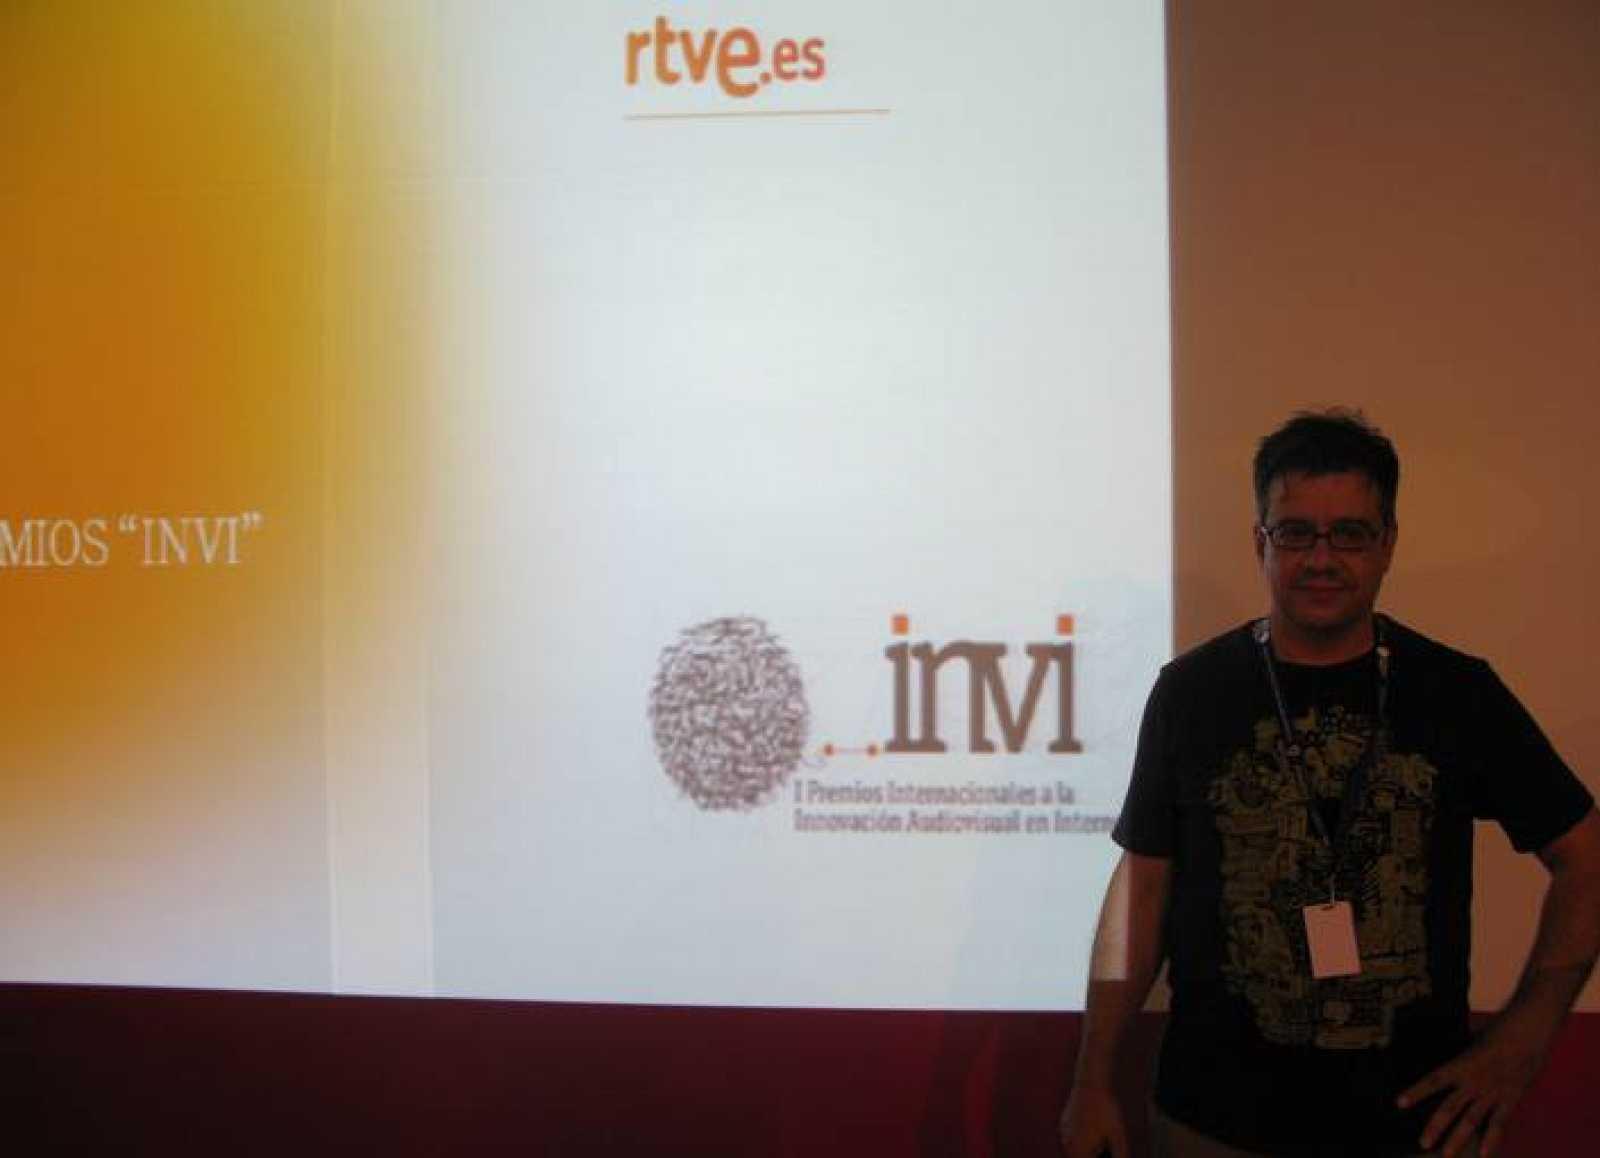 Francisco Asensi, director de desarrollo de negocio de RTVE.es, ha presentado los premios a los campuseros.